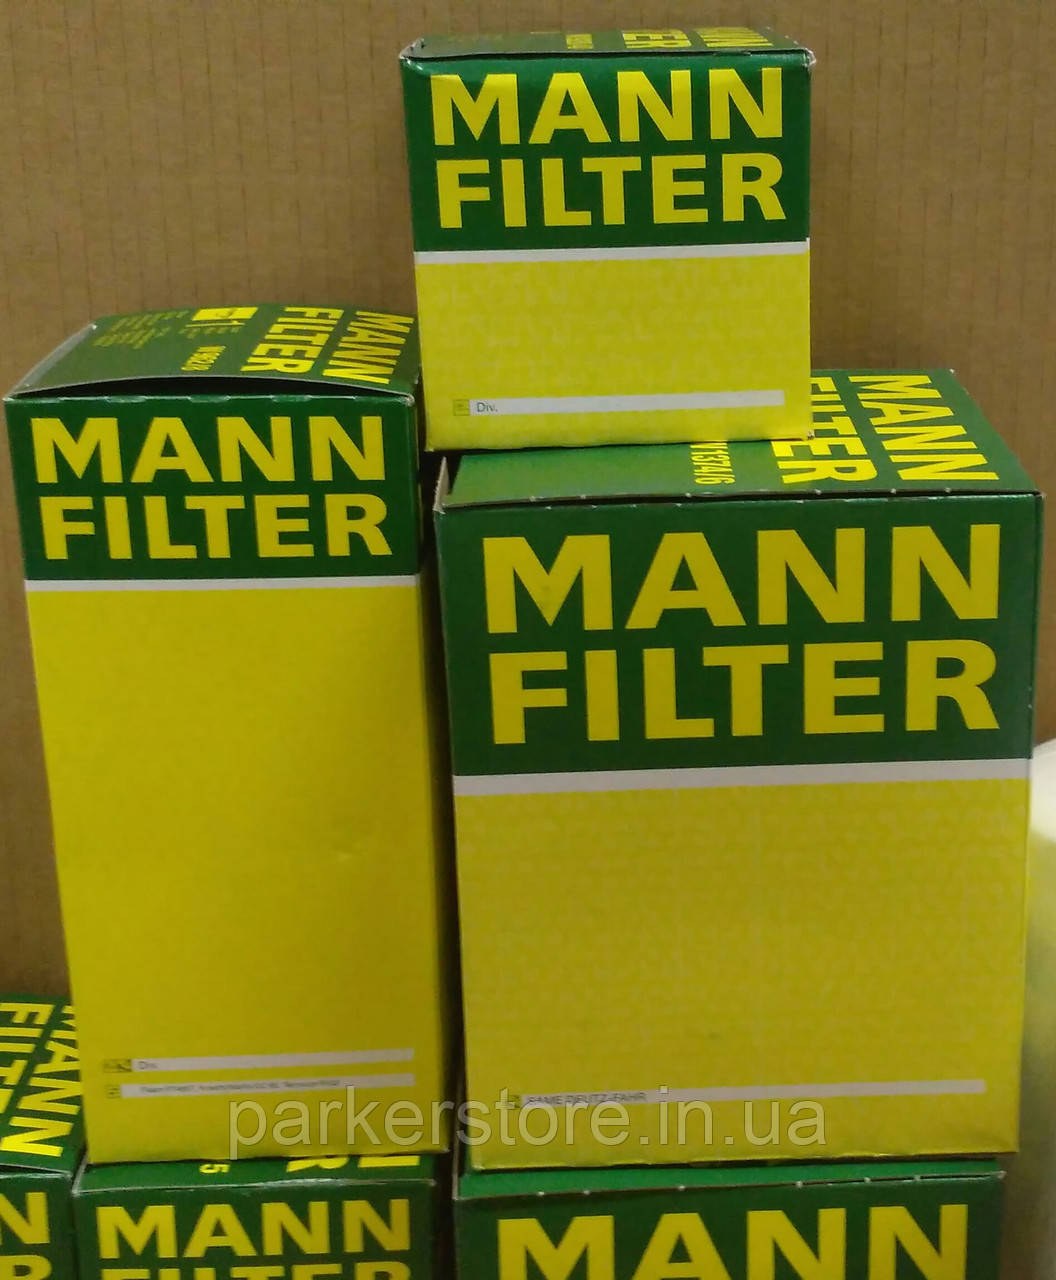 MANN FILTER / Воздушный фильтр / C 2542 / C2542